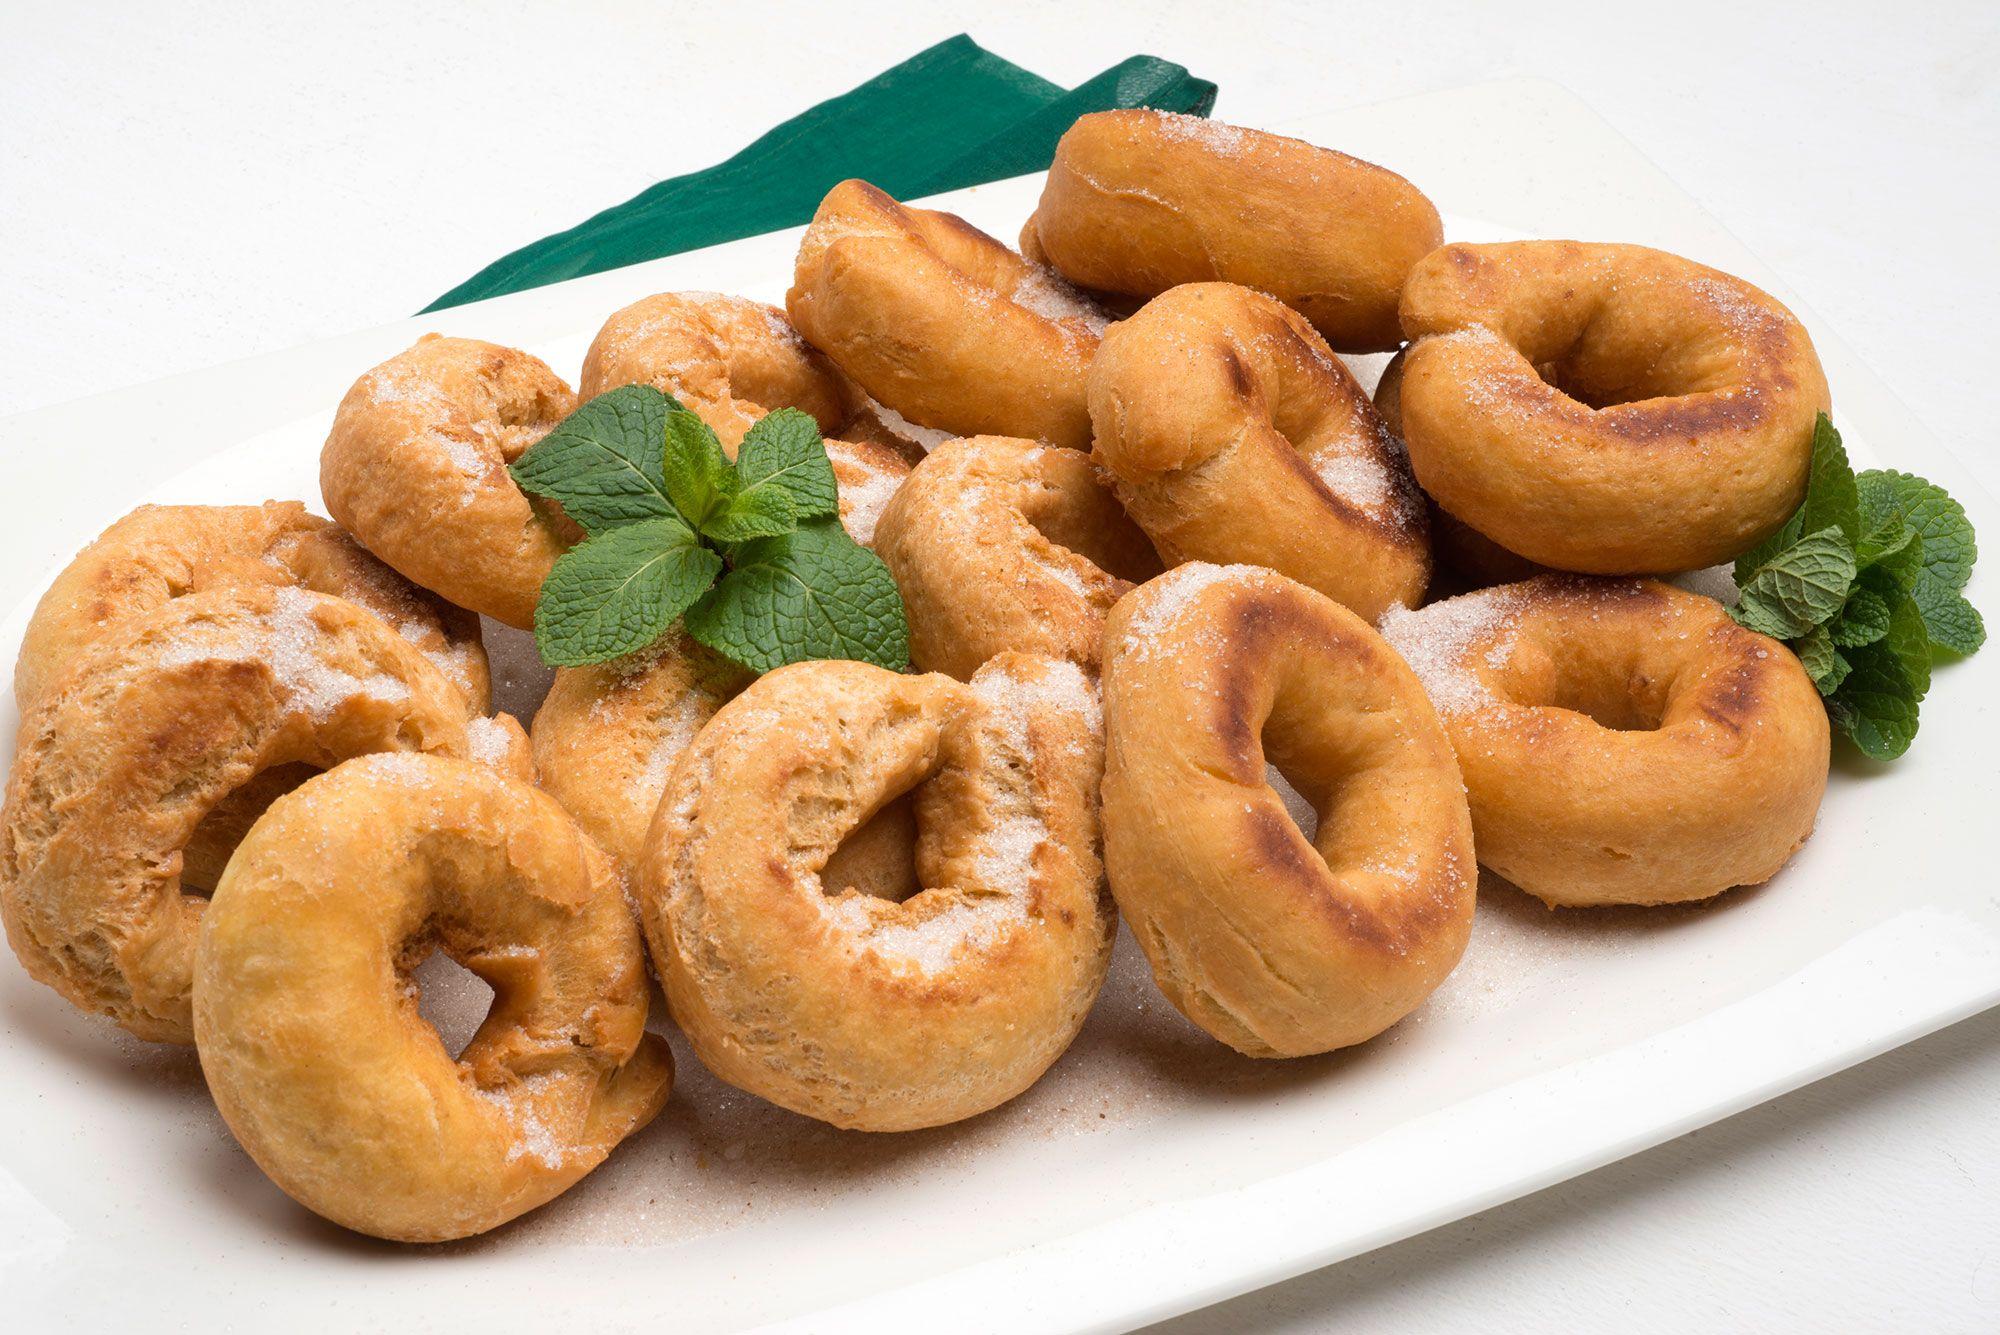 Dulces típicos de San Blas - Rosquillas de Eva Arguiñano